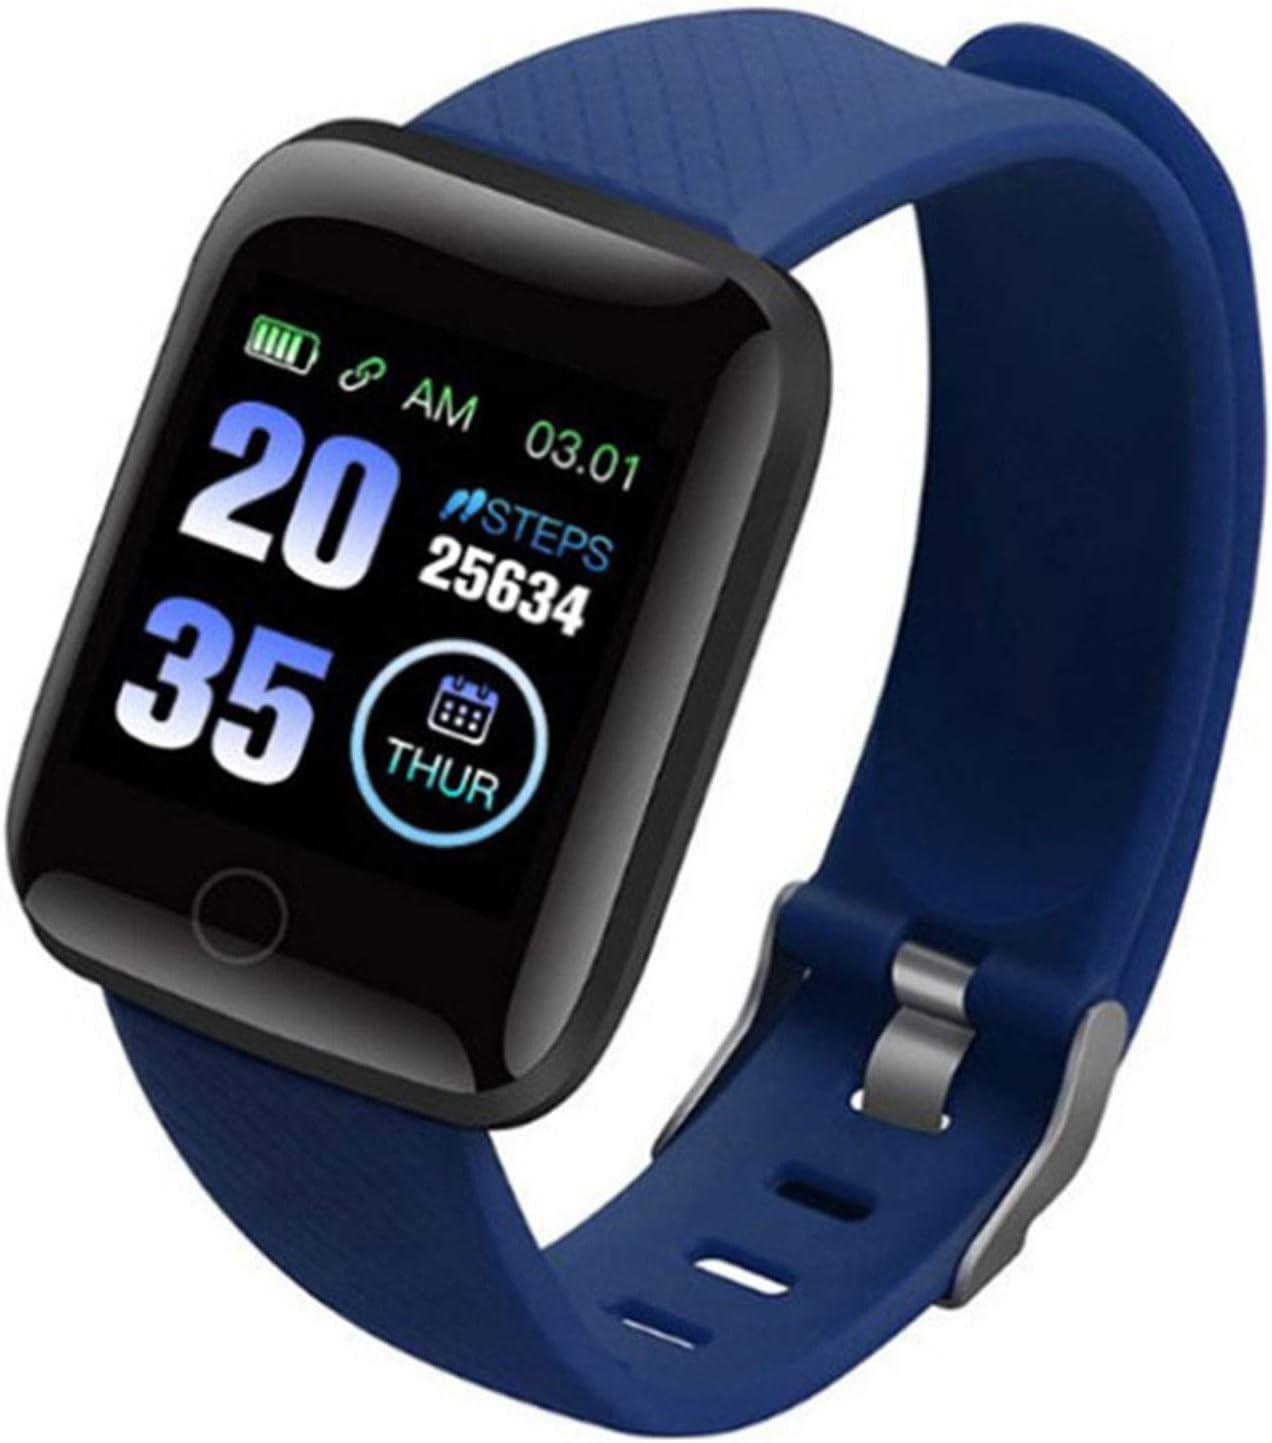 Wsaman Reloj de Pulsera Deportivo con Bluetooth, Monitor Rítmo Cardíaco y Sueño,con Pantalla de 1.3 Pulgadas, para Hombre Mujer Niño, Pulsera de Fitness,Azul